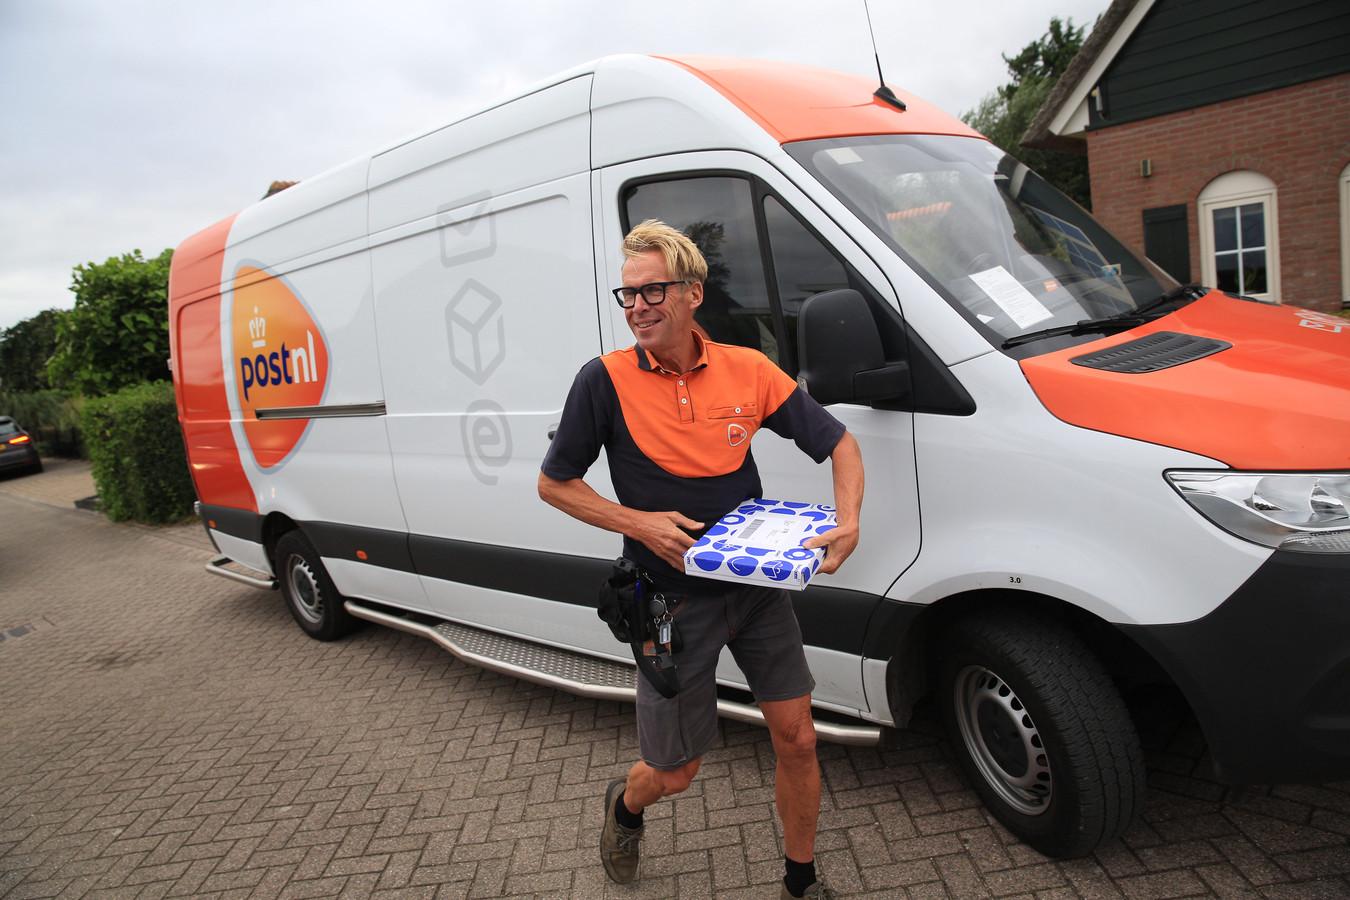 Pakketbezorger Leon du Pree aan het werk in zijn Hellevoetsluis.